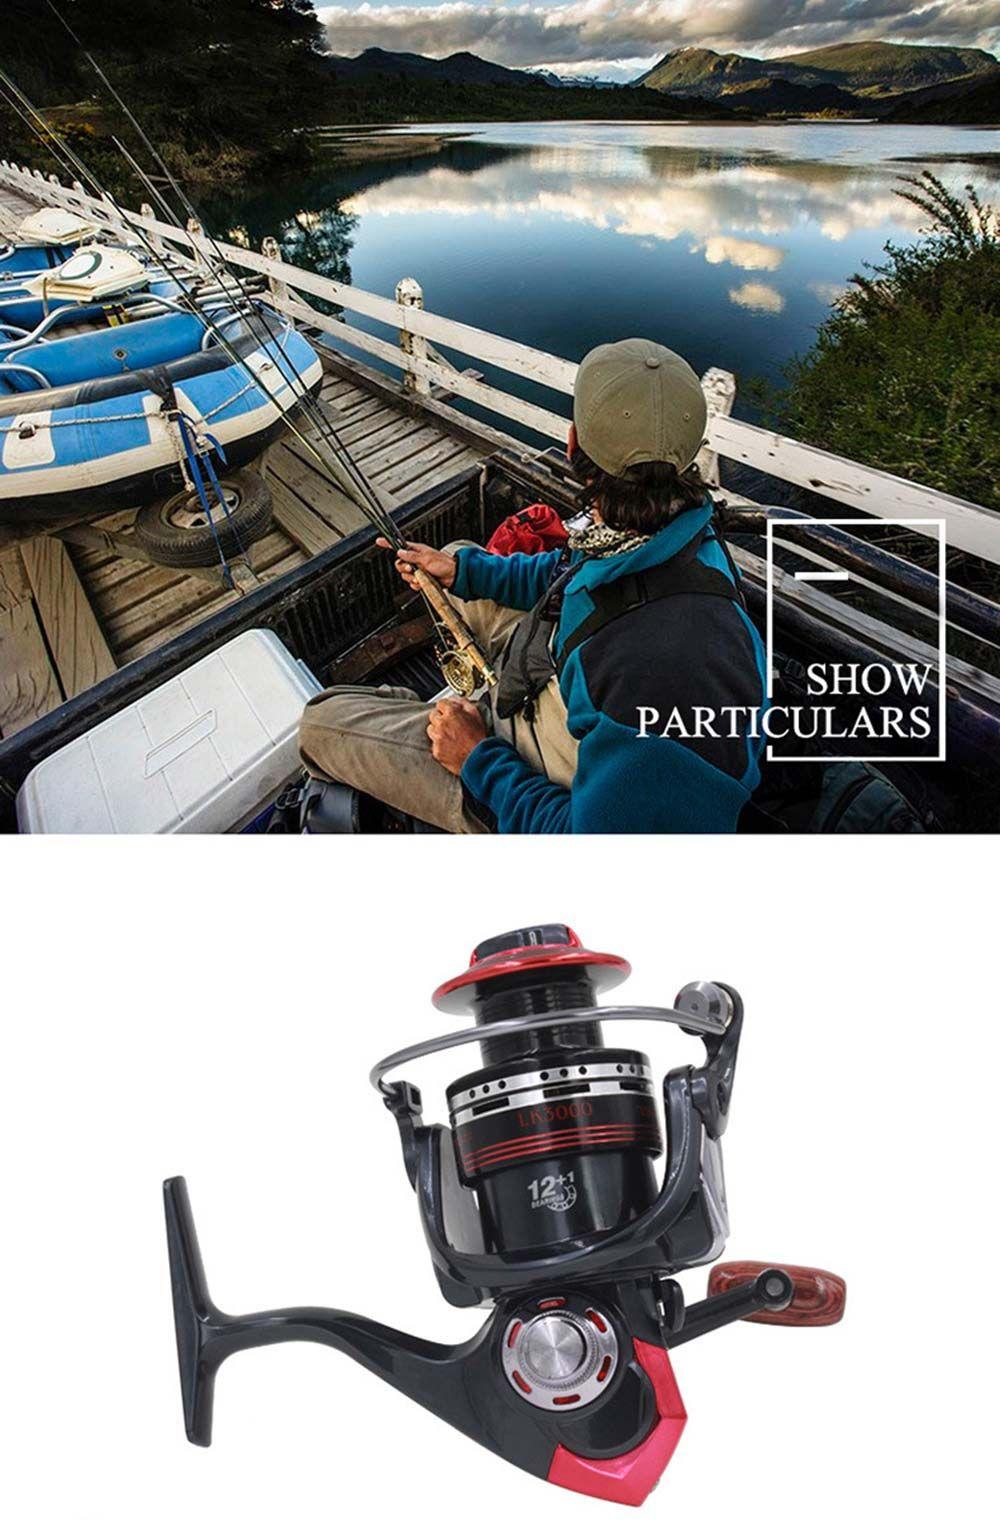 DIAODELAI LK2000 13 Ball Bearings Metallic Spinning Fishing Reel